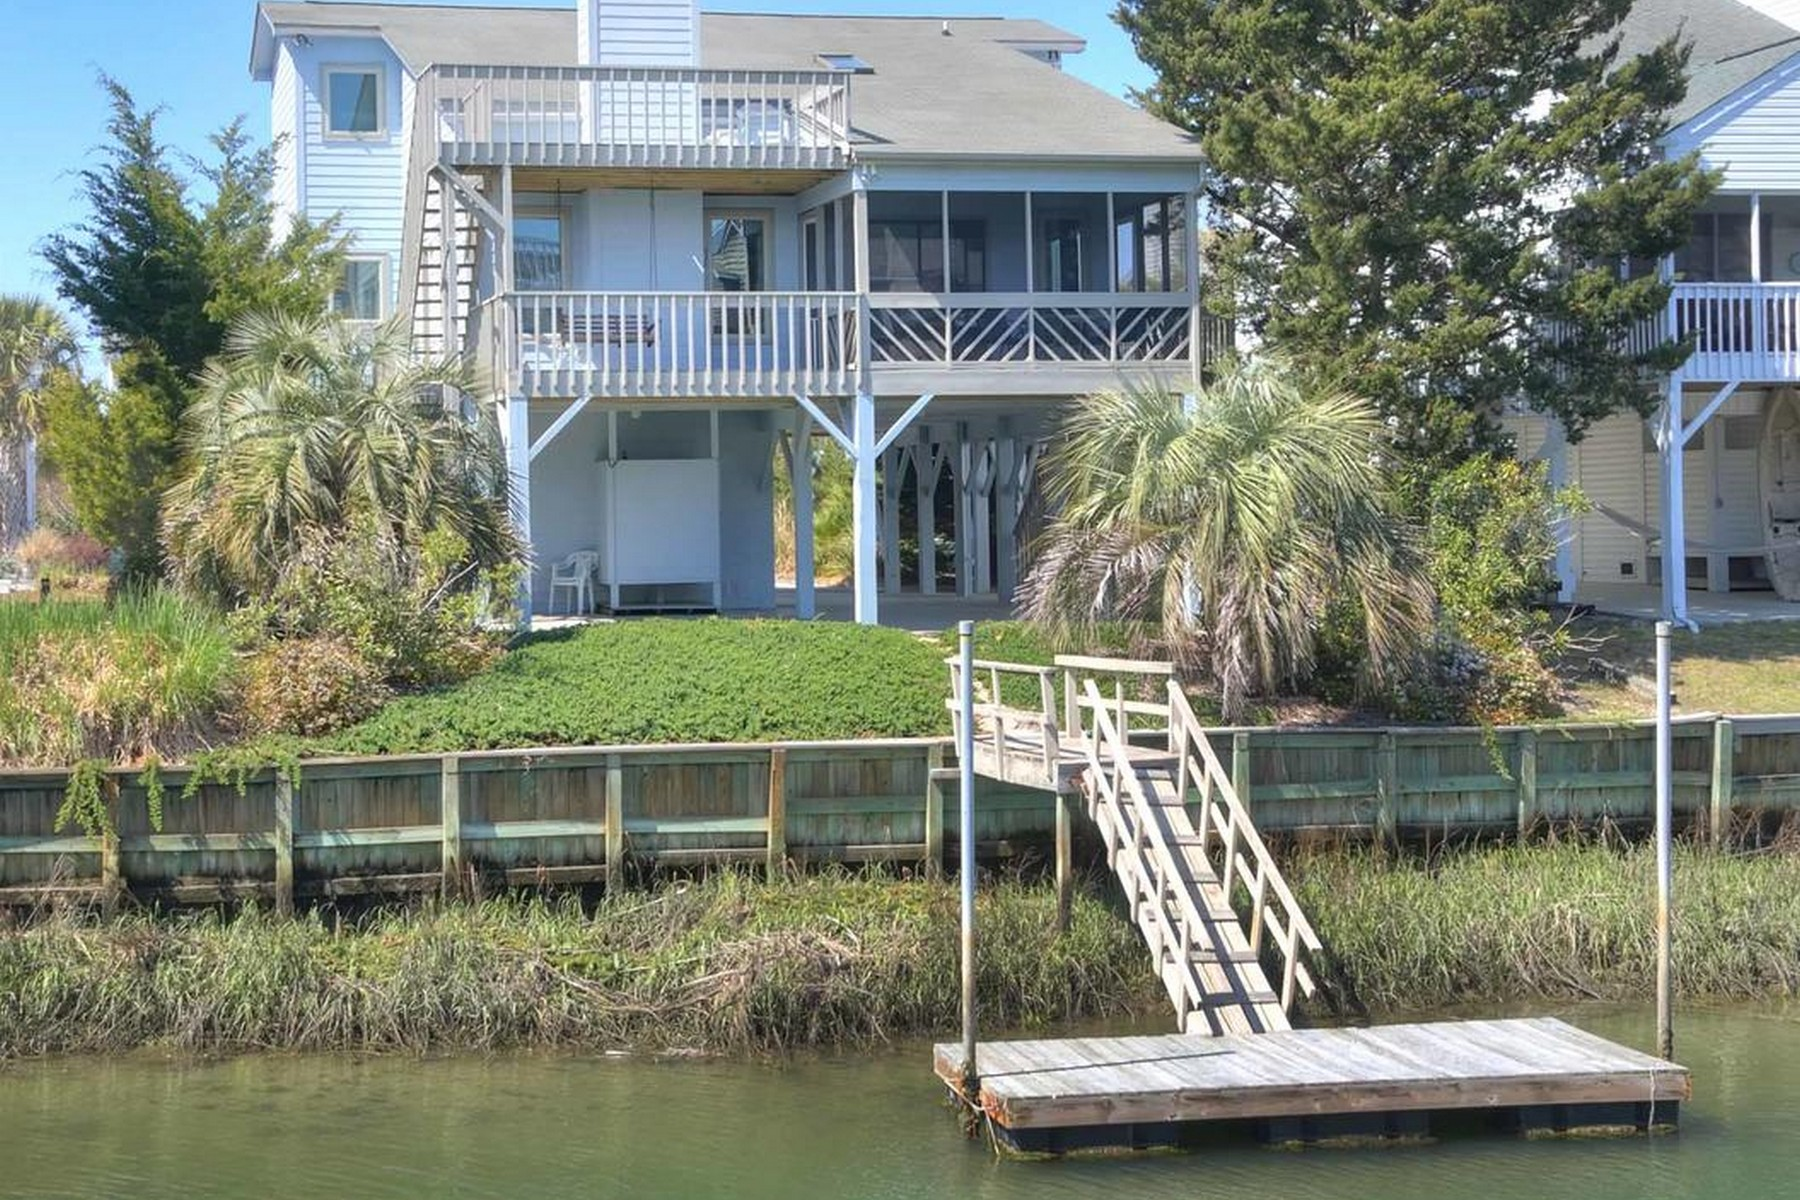 独户住宅 为 销售 在 Exceptional Island Home on the Canal 411 Sailfish Street Sunset Beach, 北卡罗来纳州, 28468 美国